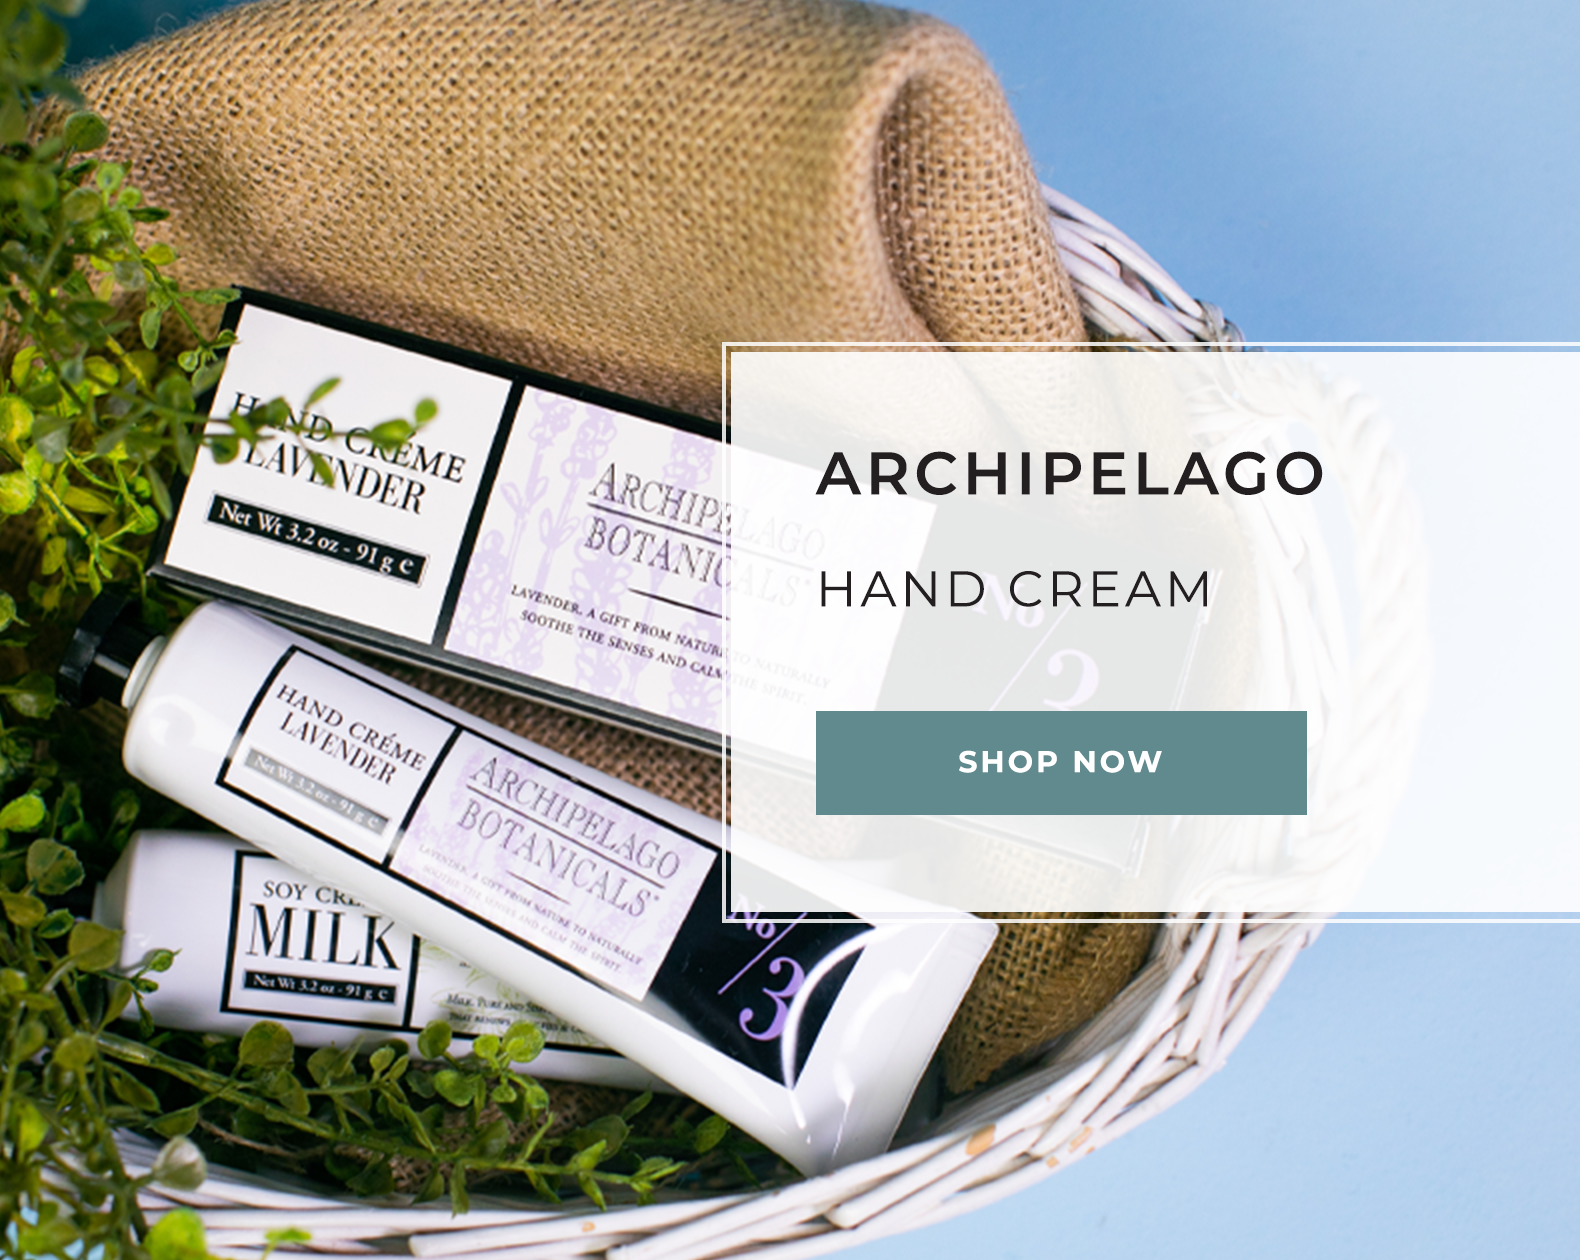 Archipelago Hand Cream